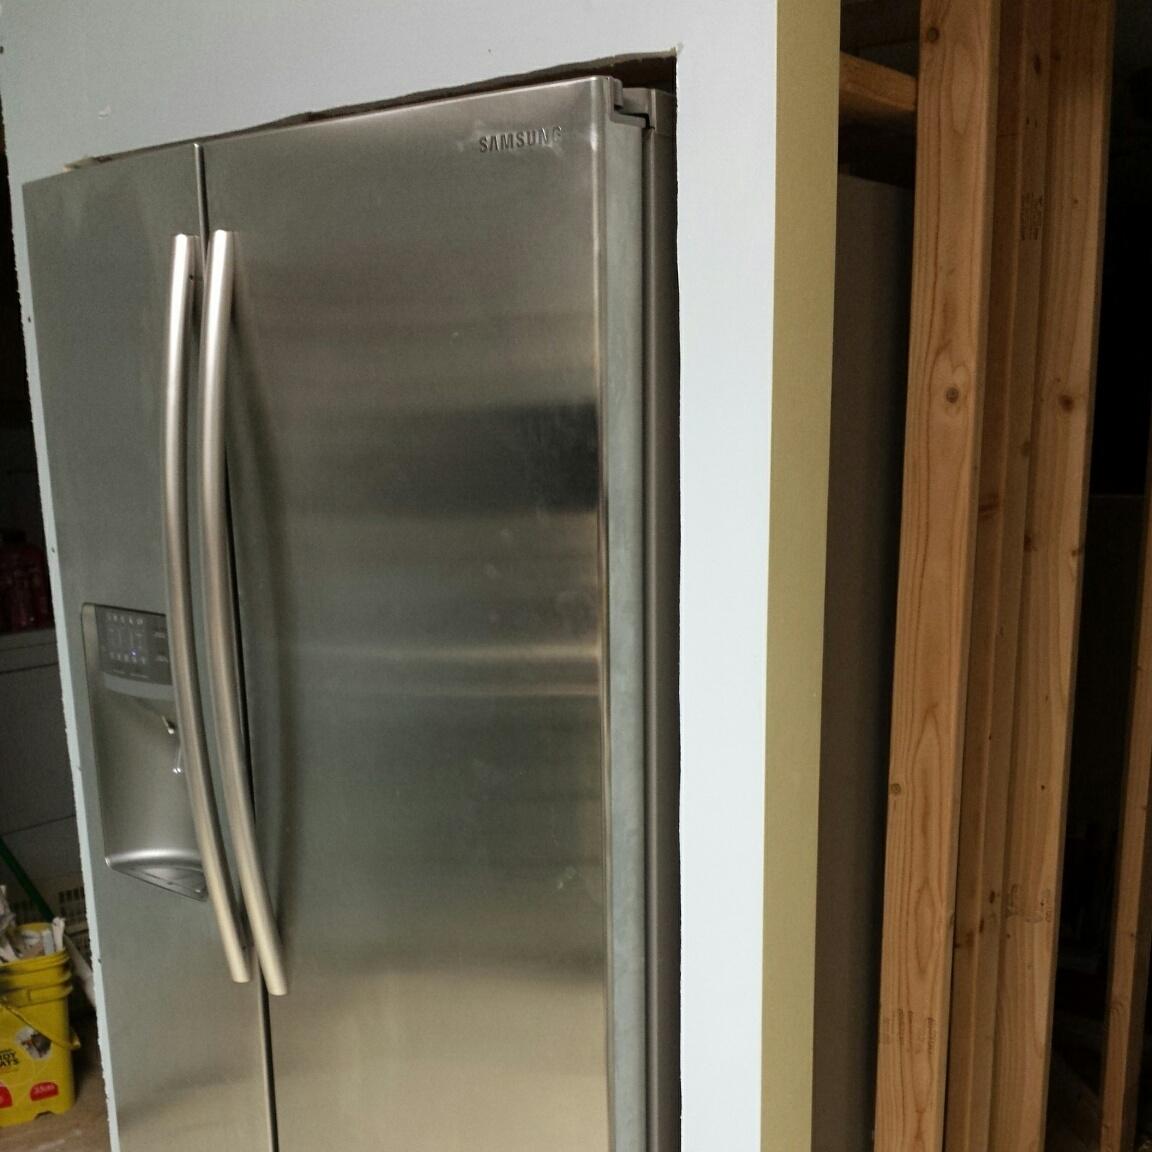 fridge inserted